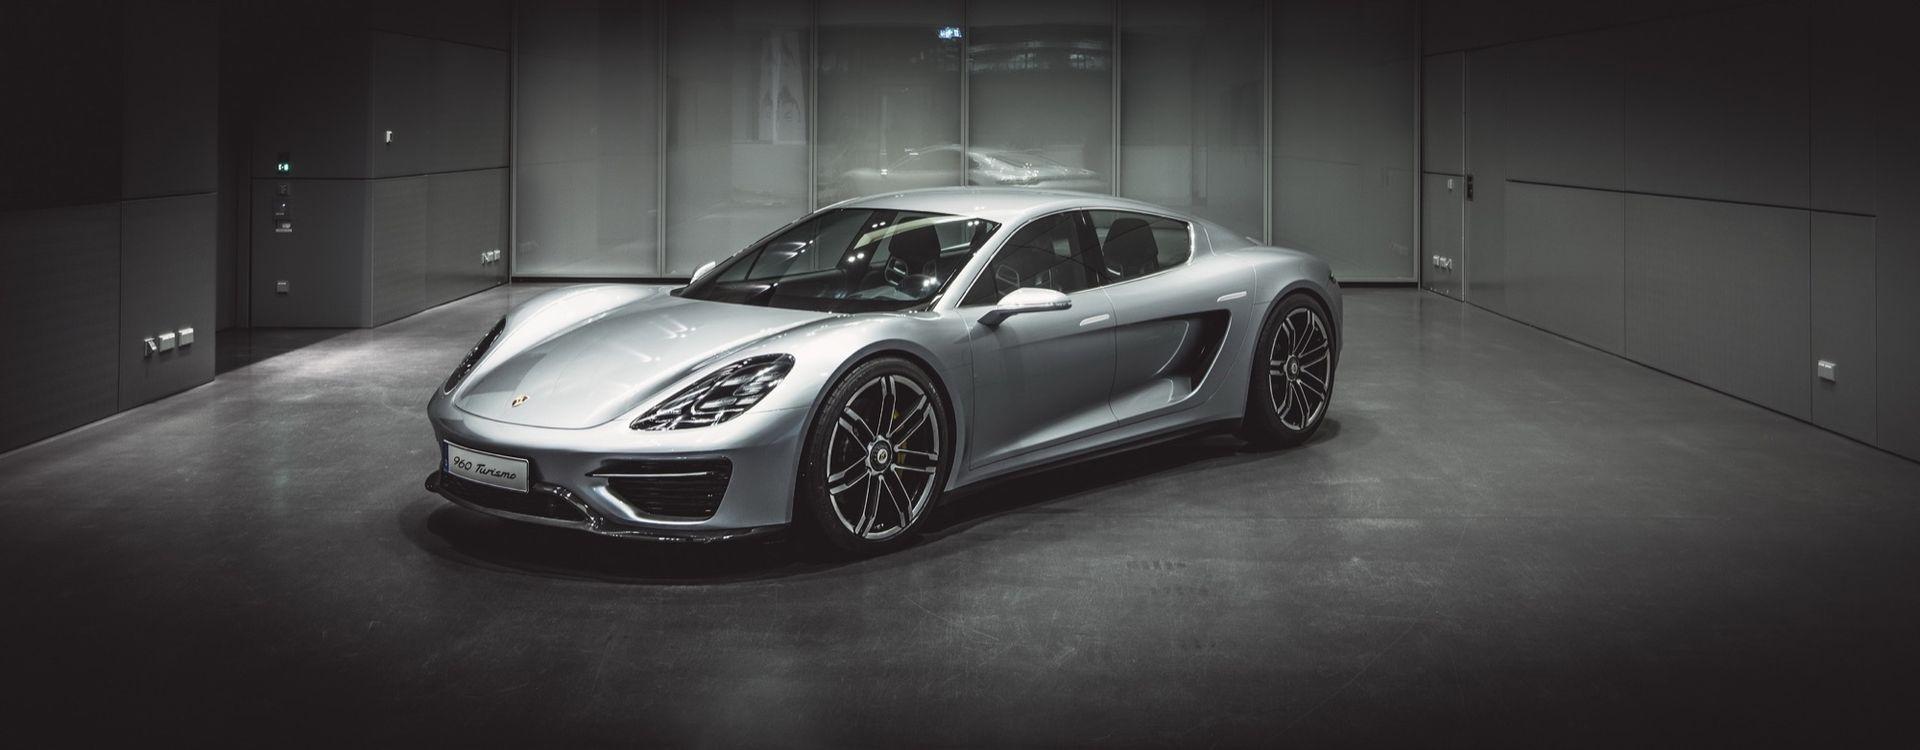 Fler fräsiga koncept från Porsche